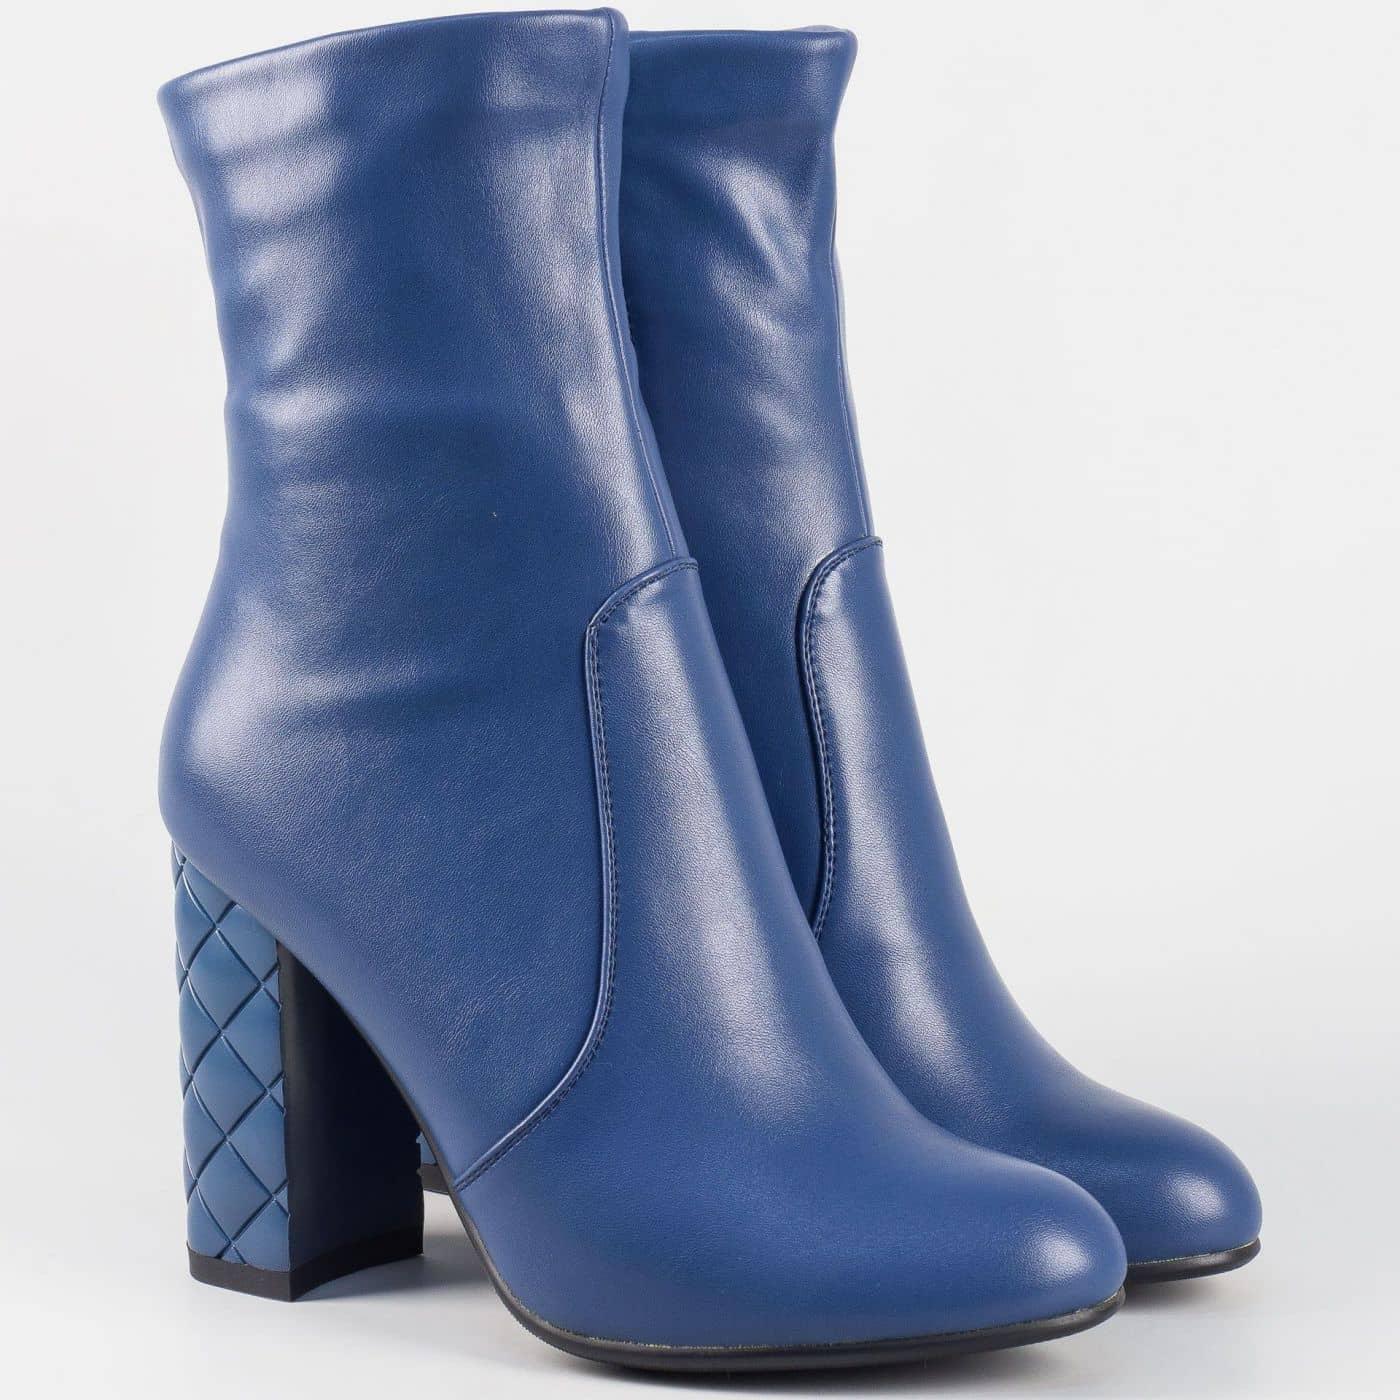 f67ae1c1ff4 Стилни дамски боти на висок ток- Eliza в син цвят 21256s - Sisi-bg.com